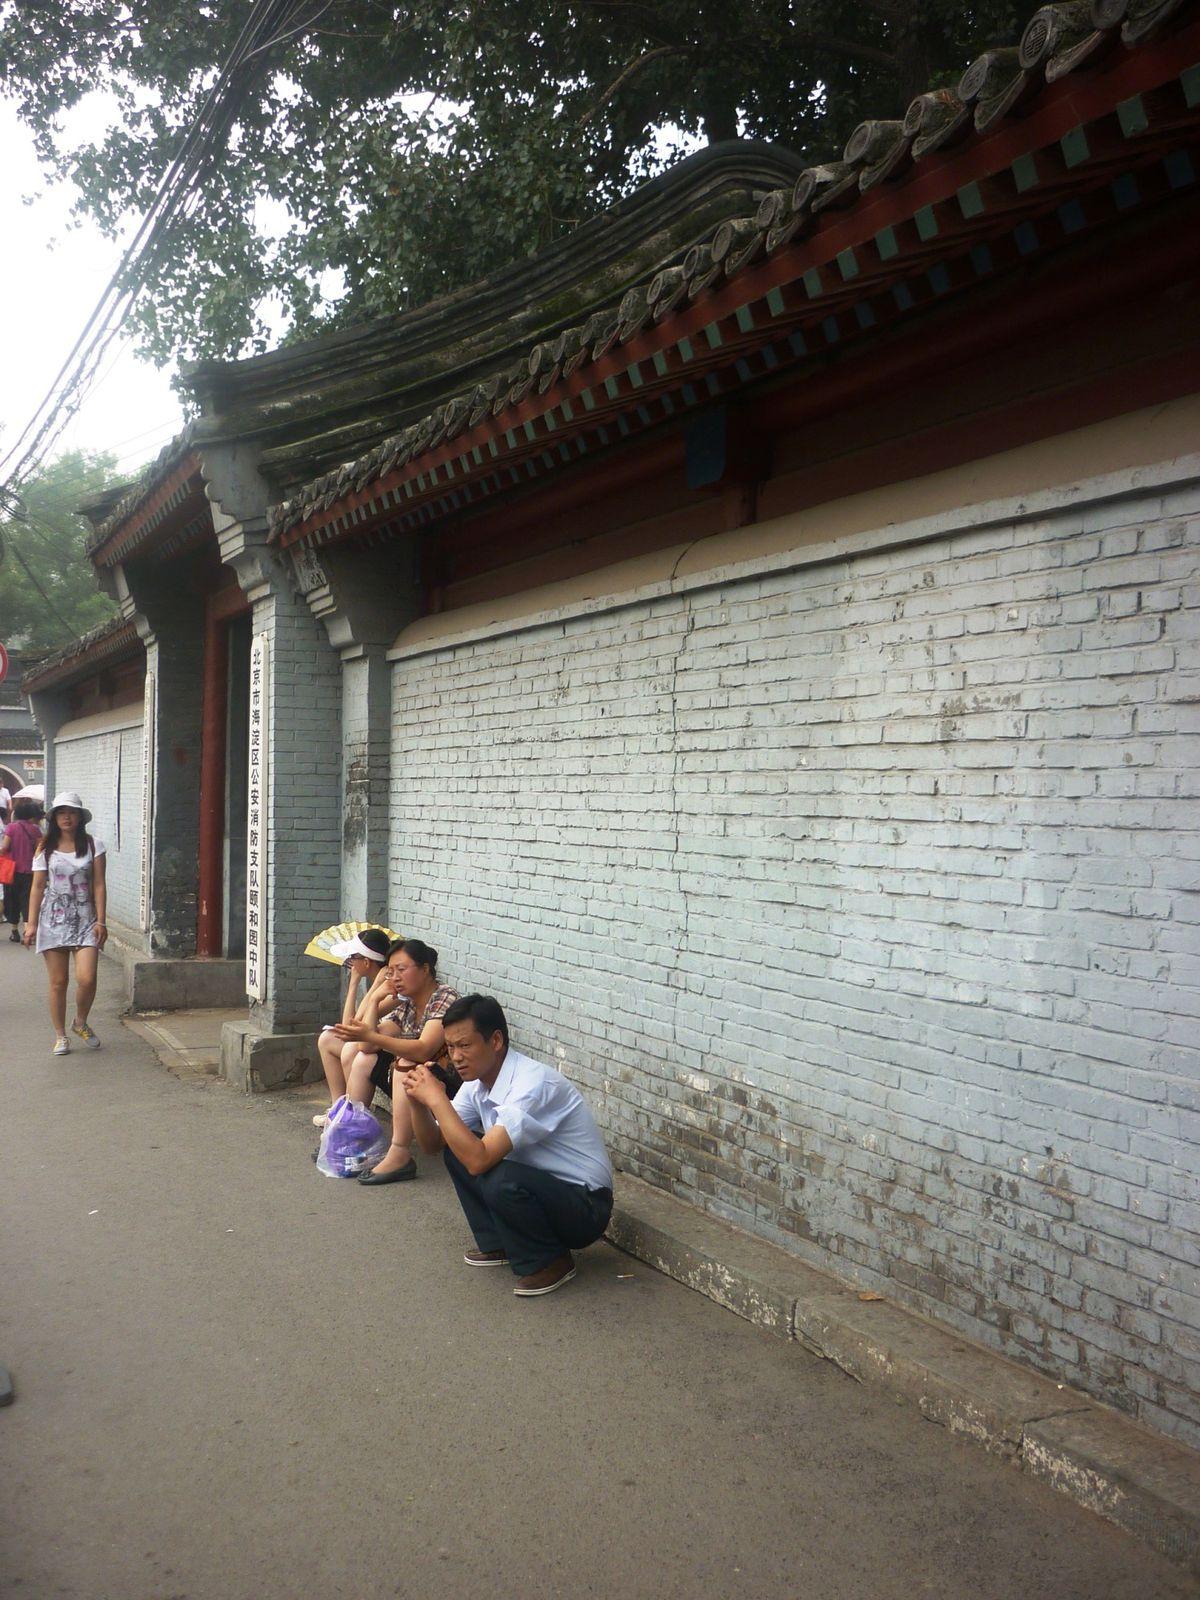 Les chinois spécialement étranges rencontrés (la position 'caca' est cependant très répandue en Chine pour se reposer les jambes!) #BEIJING, KUNMING, BEIHAI